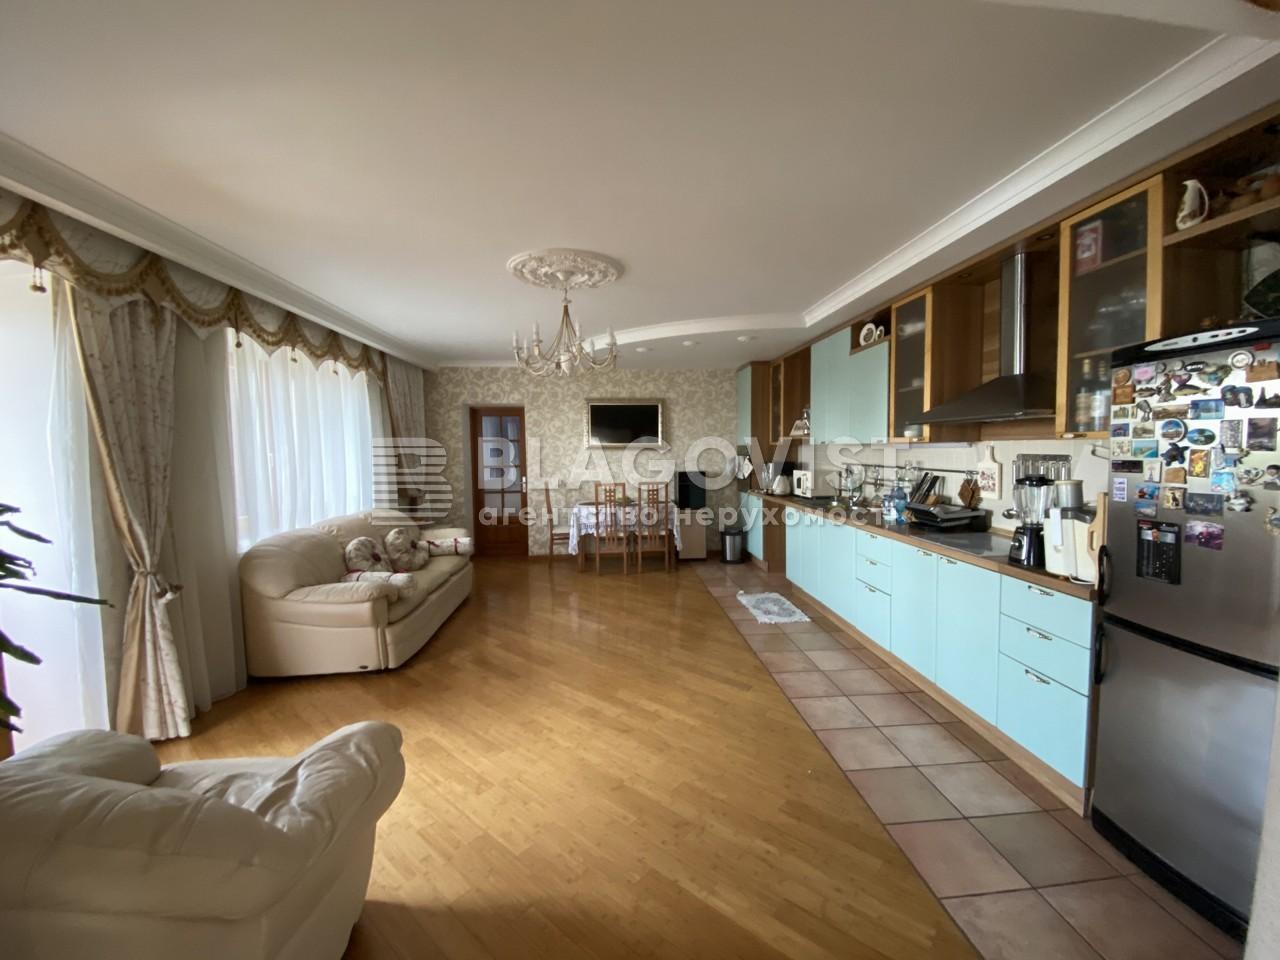 Квартира R-39990, Героев Сталинграда просп., 14г, Киев - Фото 27